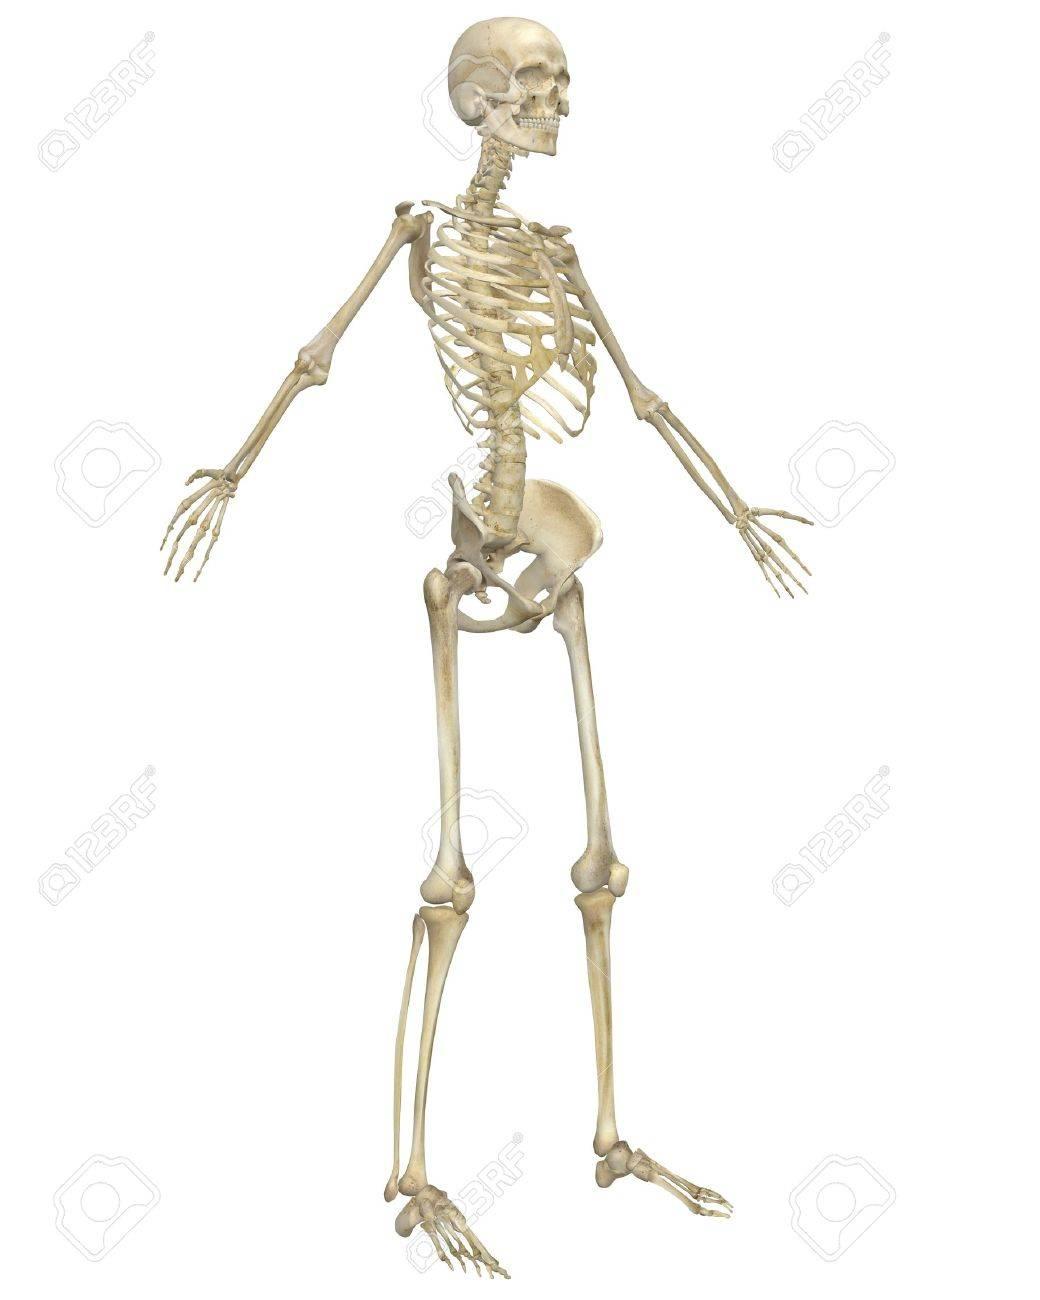 Un Frente En ángulo Ilustración De La Anatomía Del Esqueleto Humano ...